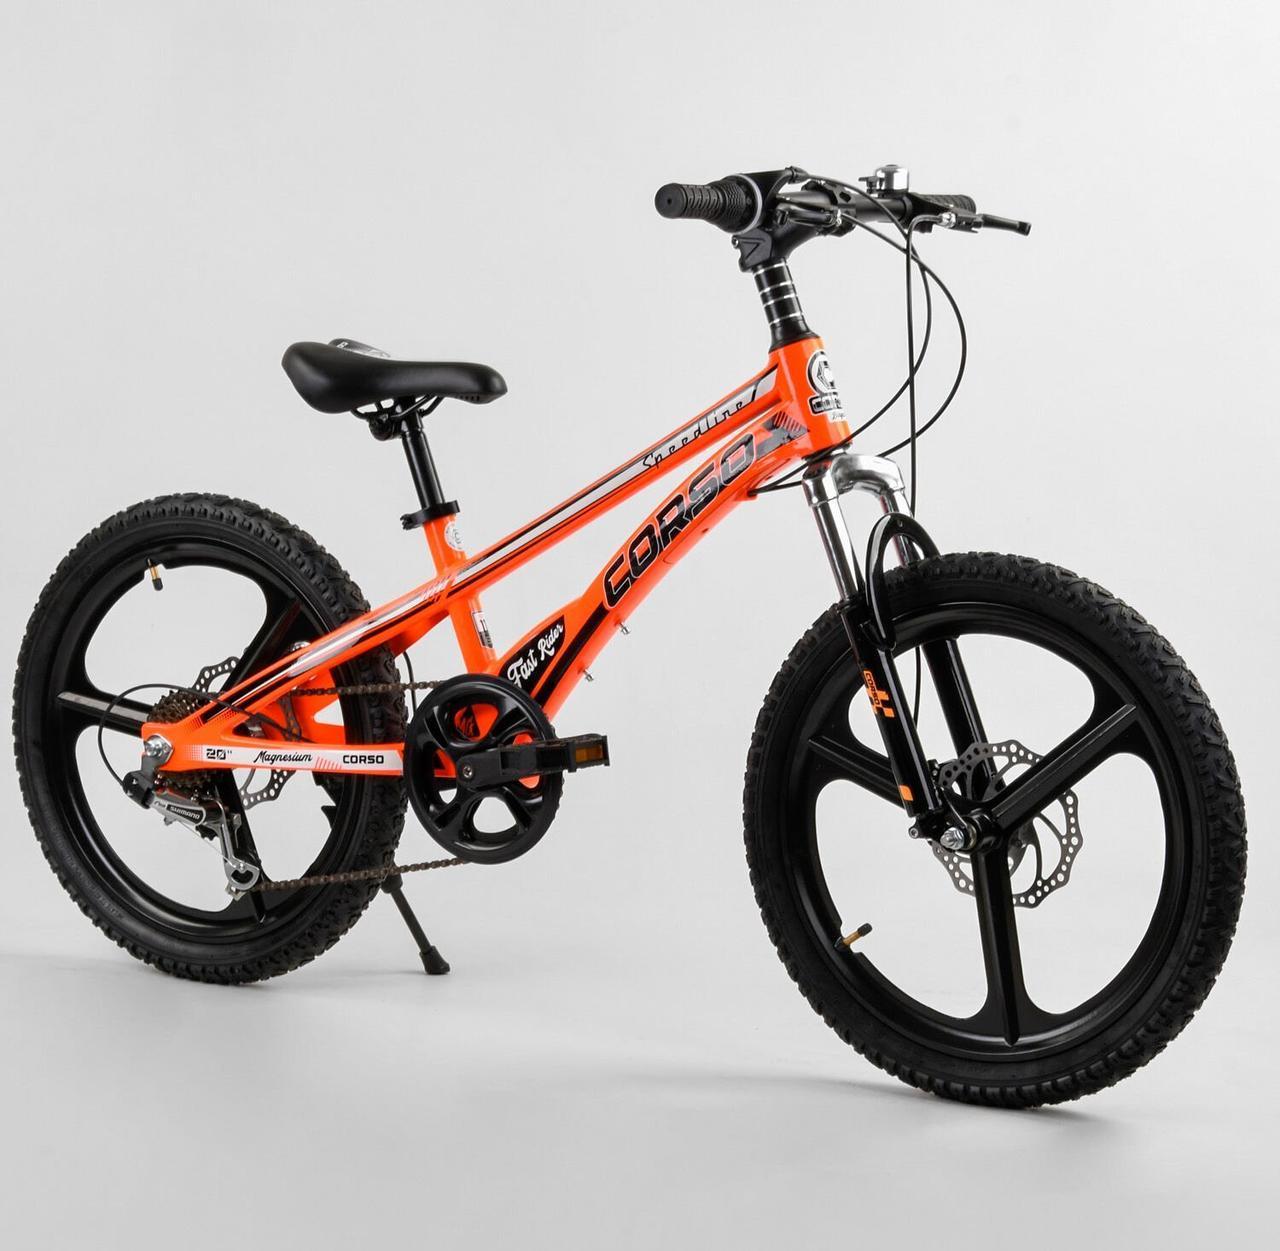 """Городской детский велосипед, колеса 20"""", переключатель скоростей CORSO «Speedline» MG-21060, оранжевый"""